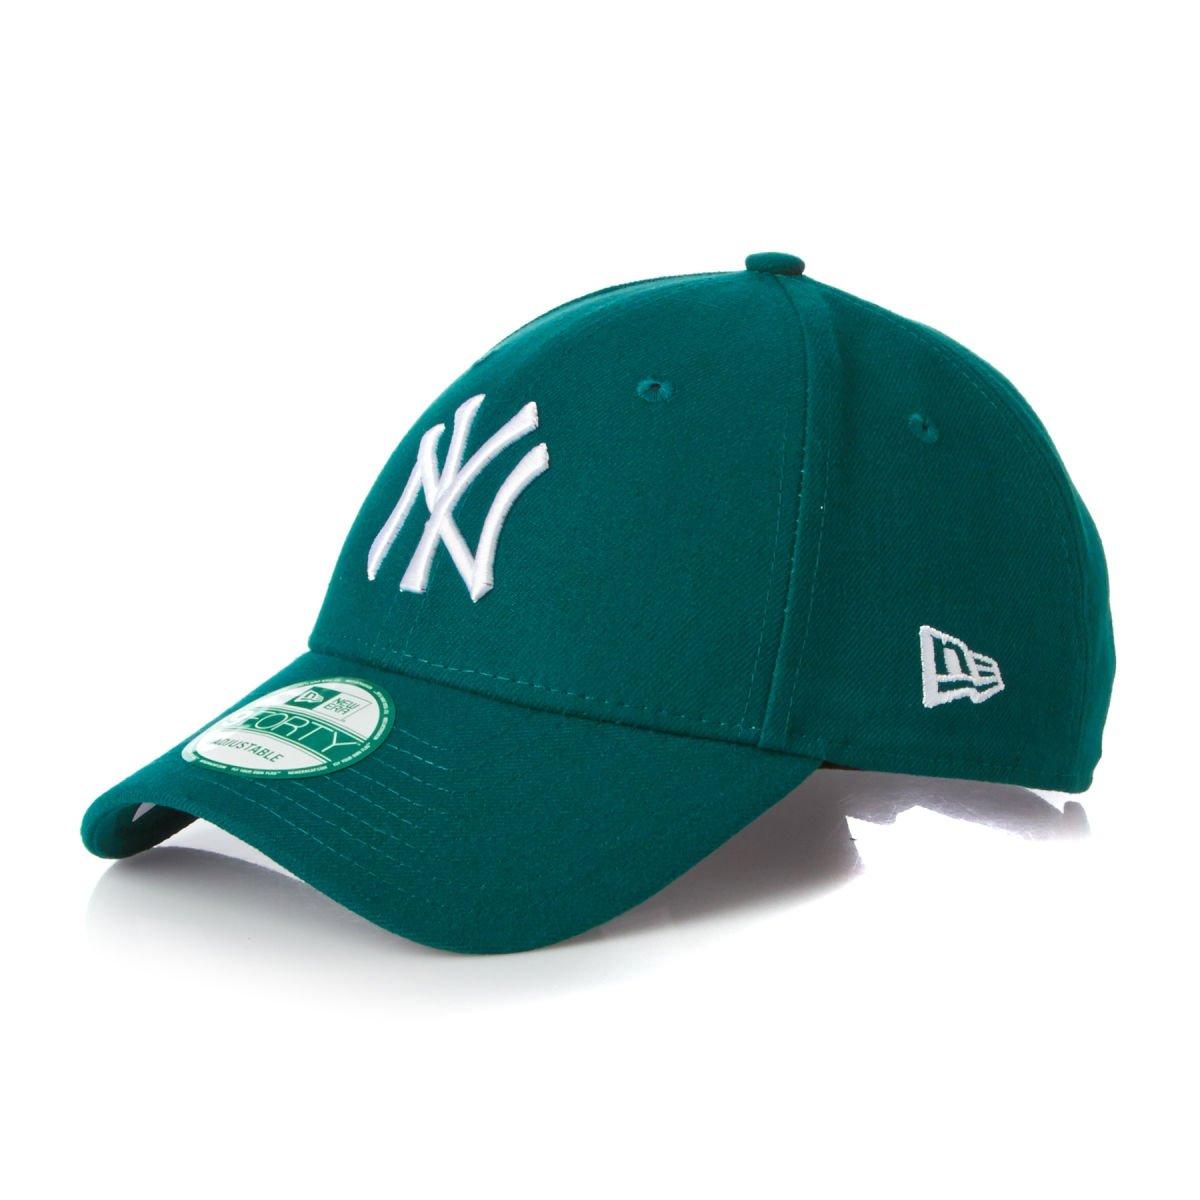 New Era 940 League Basic Adjustable Baseball Cap (NY Yankees - MNG WHI)   Amazon.co.uk  Clothing aefa2b32c616